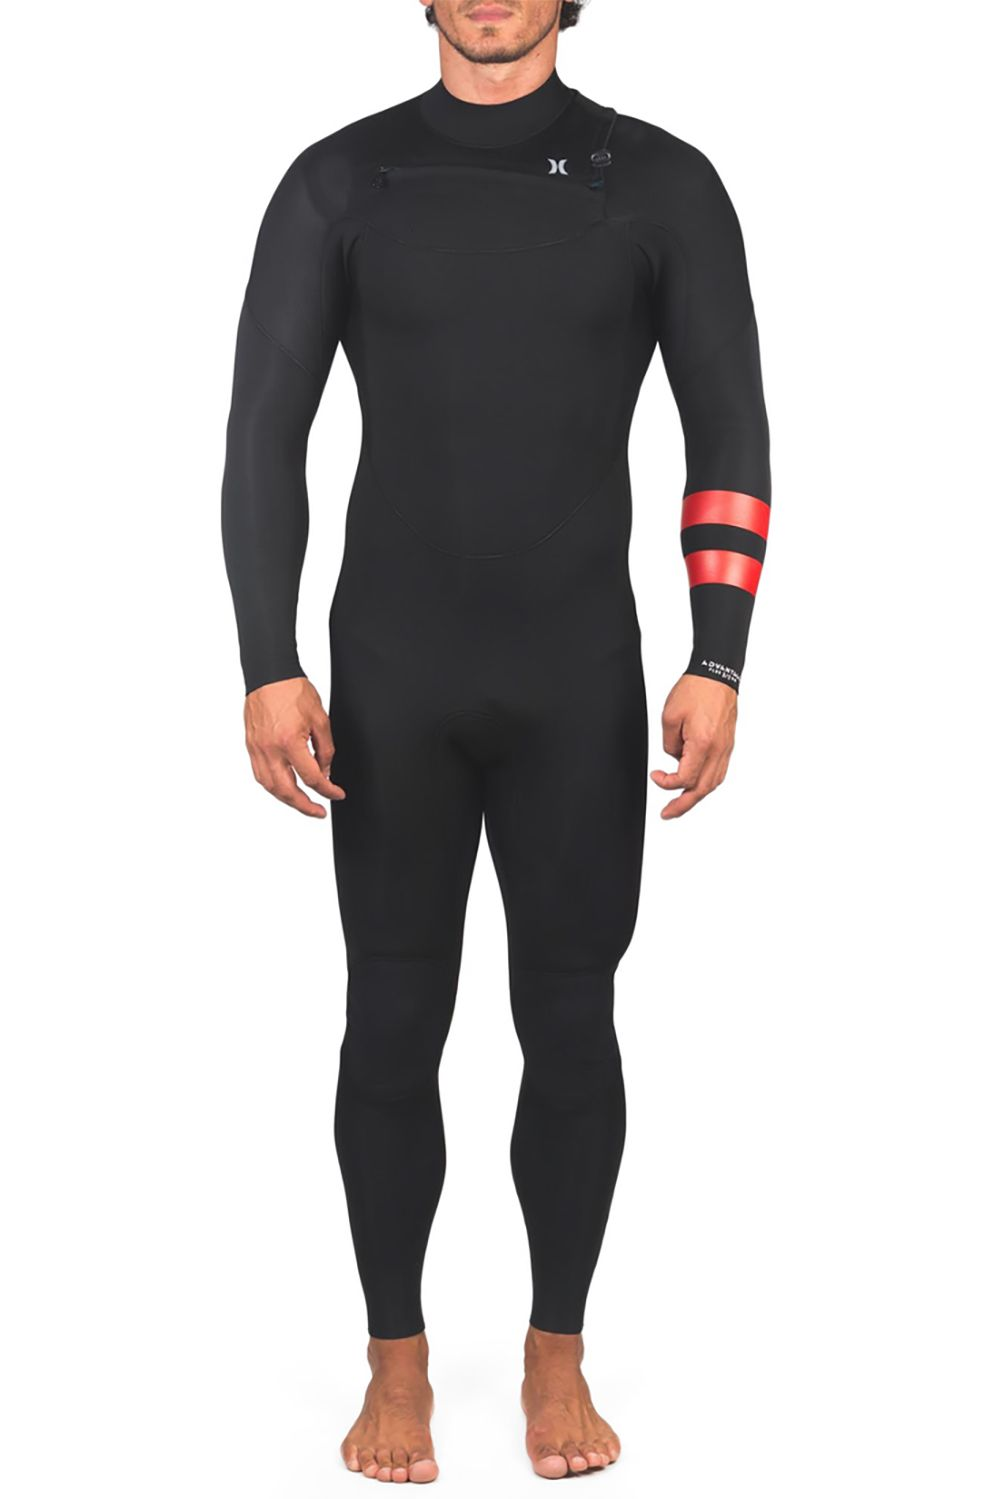 Hurley Wetsuit M ADVANTAGE PLUS 4/3MM FS Black